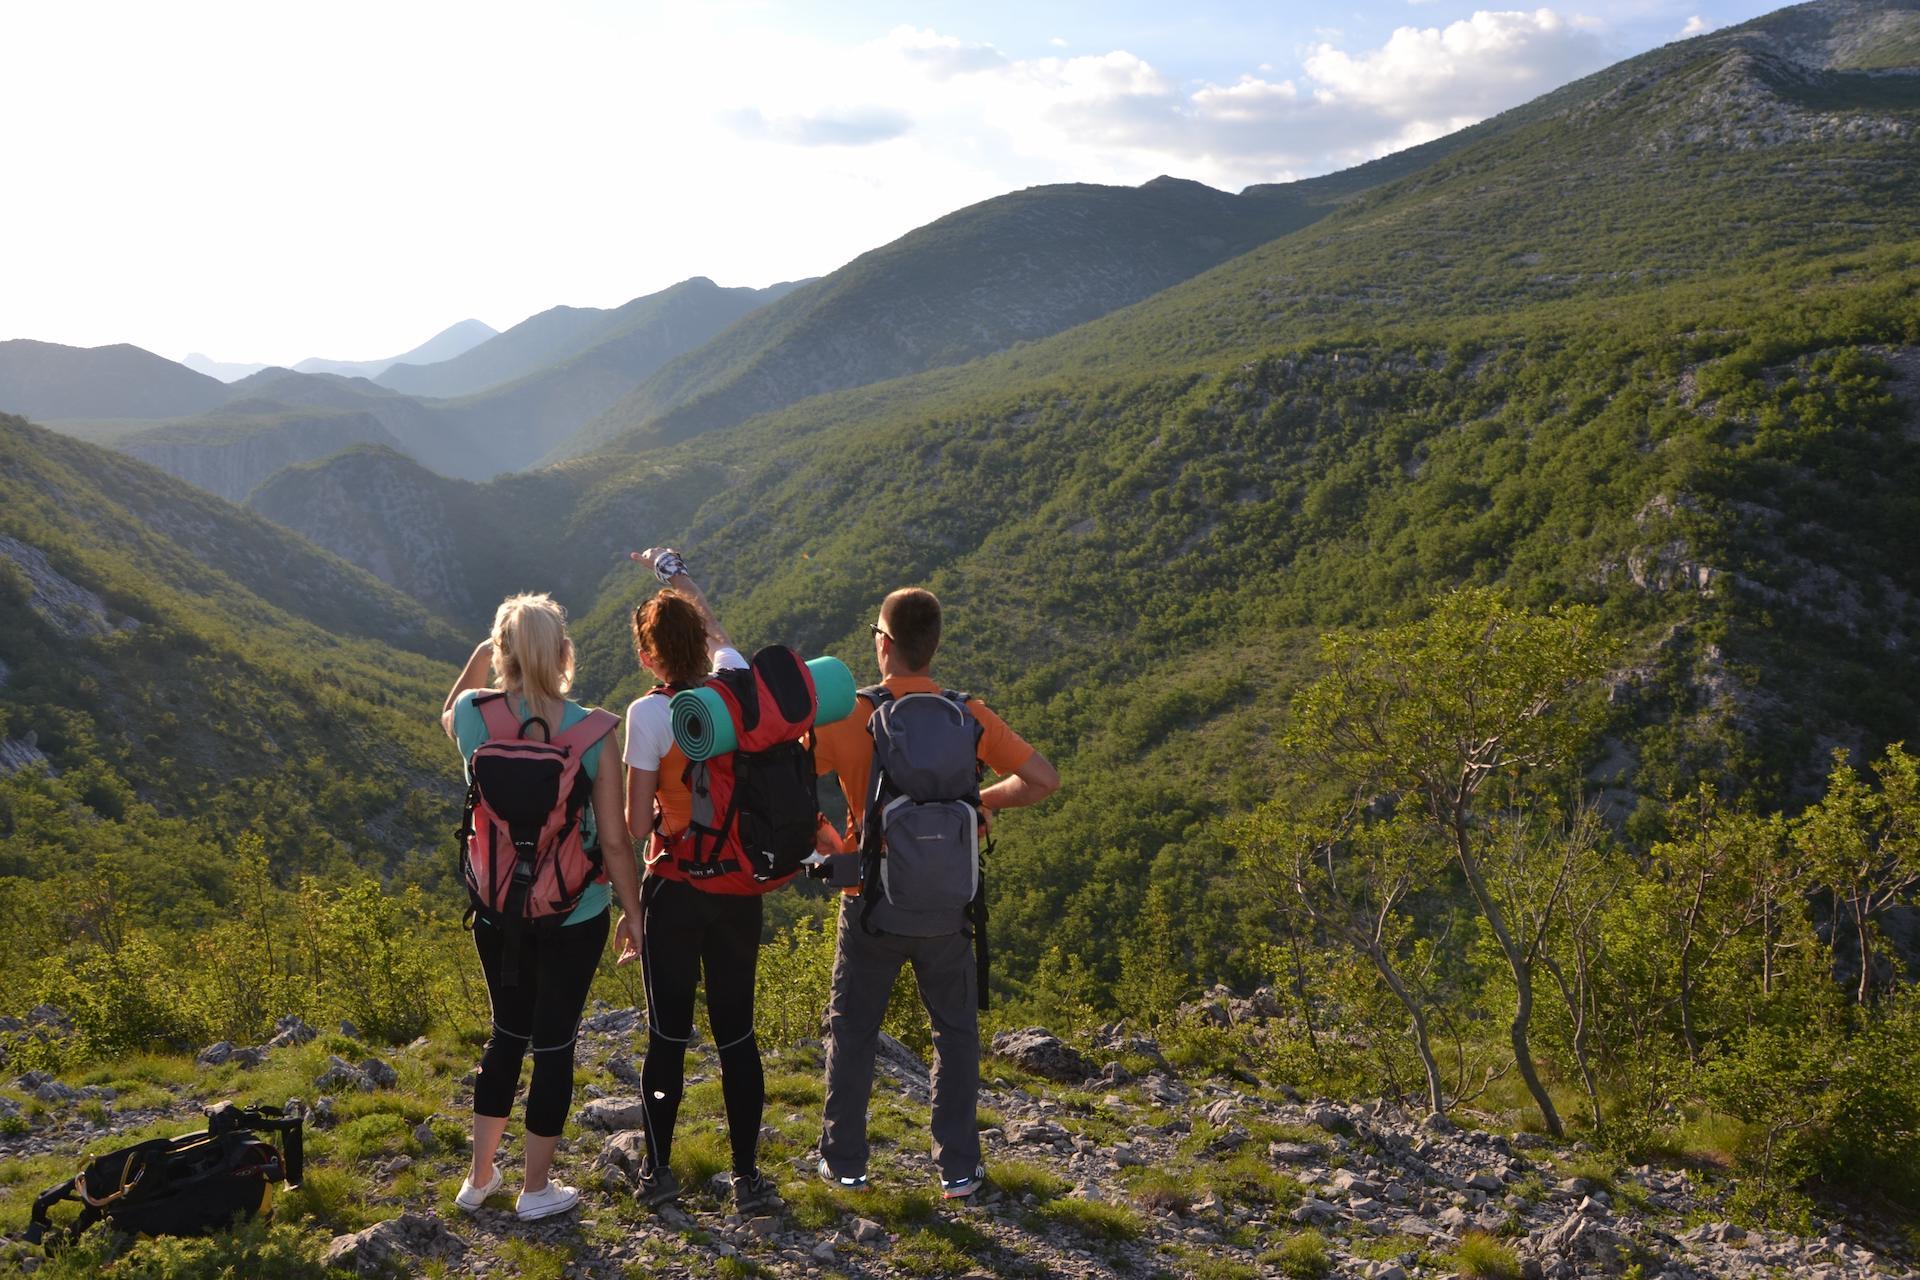 Hiking multi adventure